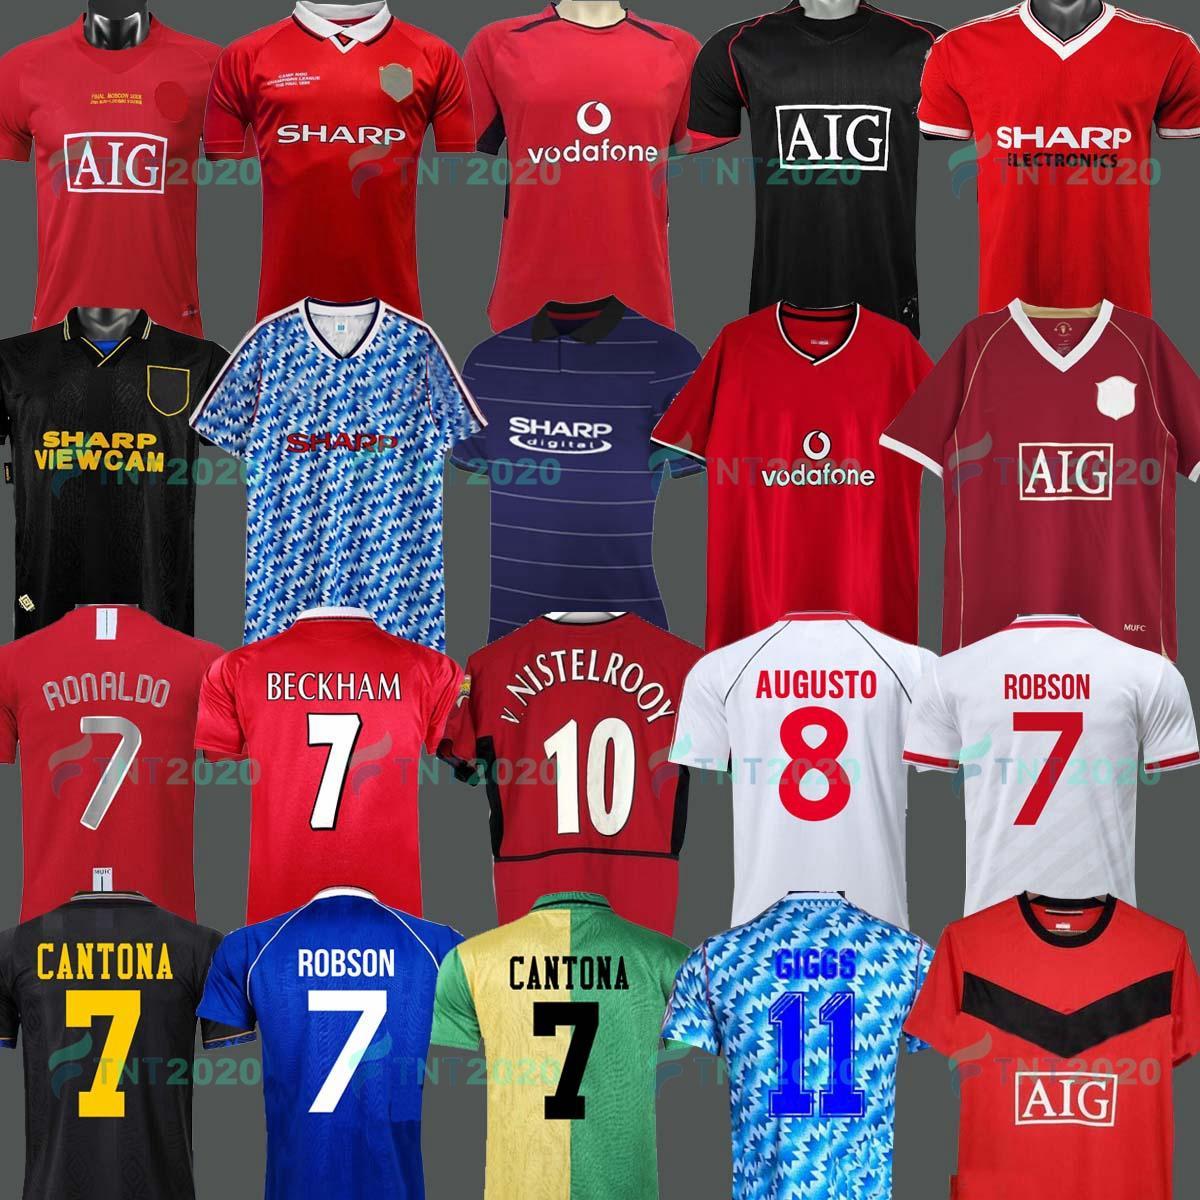 최고 멕시코 축구 유니폼 코파 아메리카 Camisetas 20 21 팬 플레이어 버전 CHICHARITO LOZANO DOS SANTOS 2021 축구 셔츠 남성 + 키즈 세트 키트